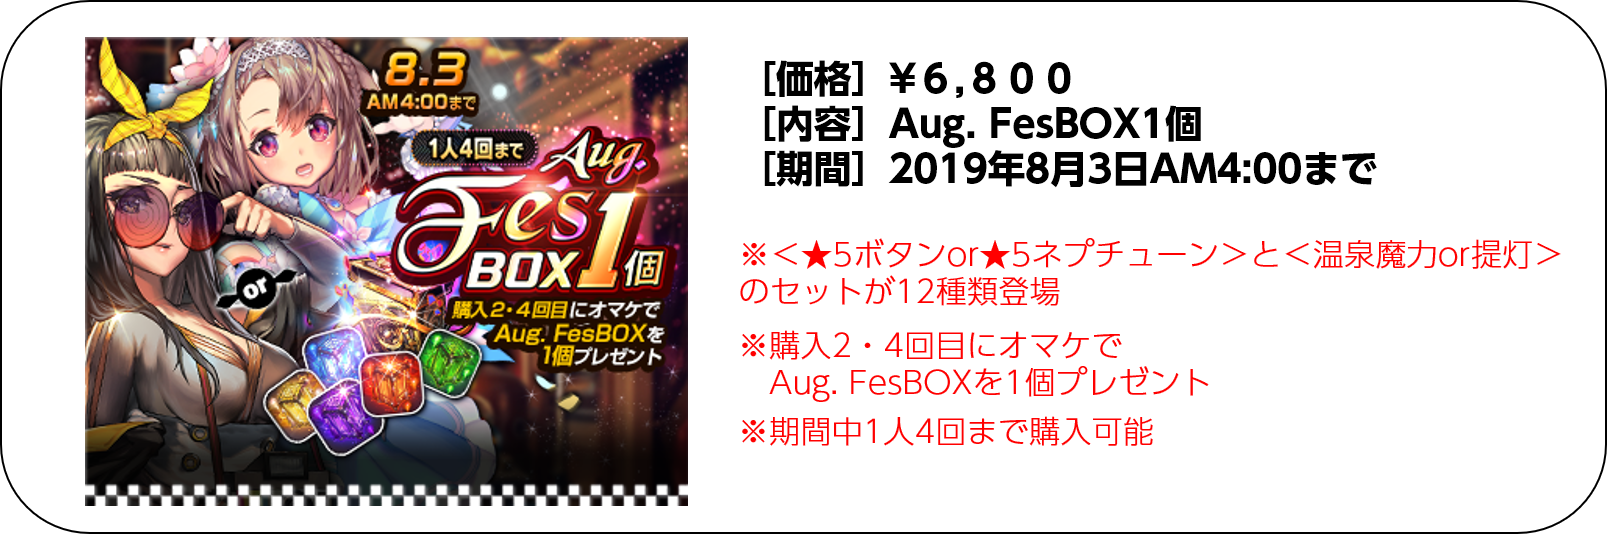 FesBox